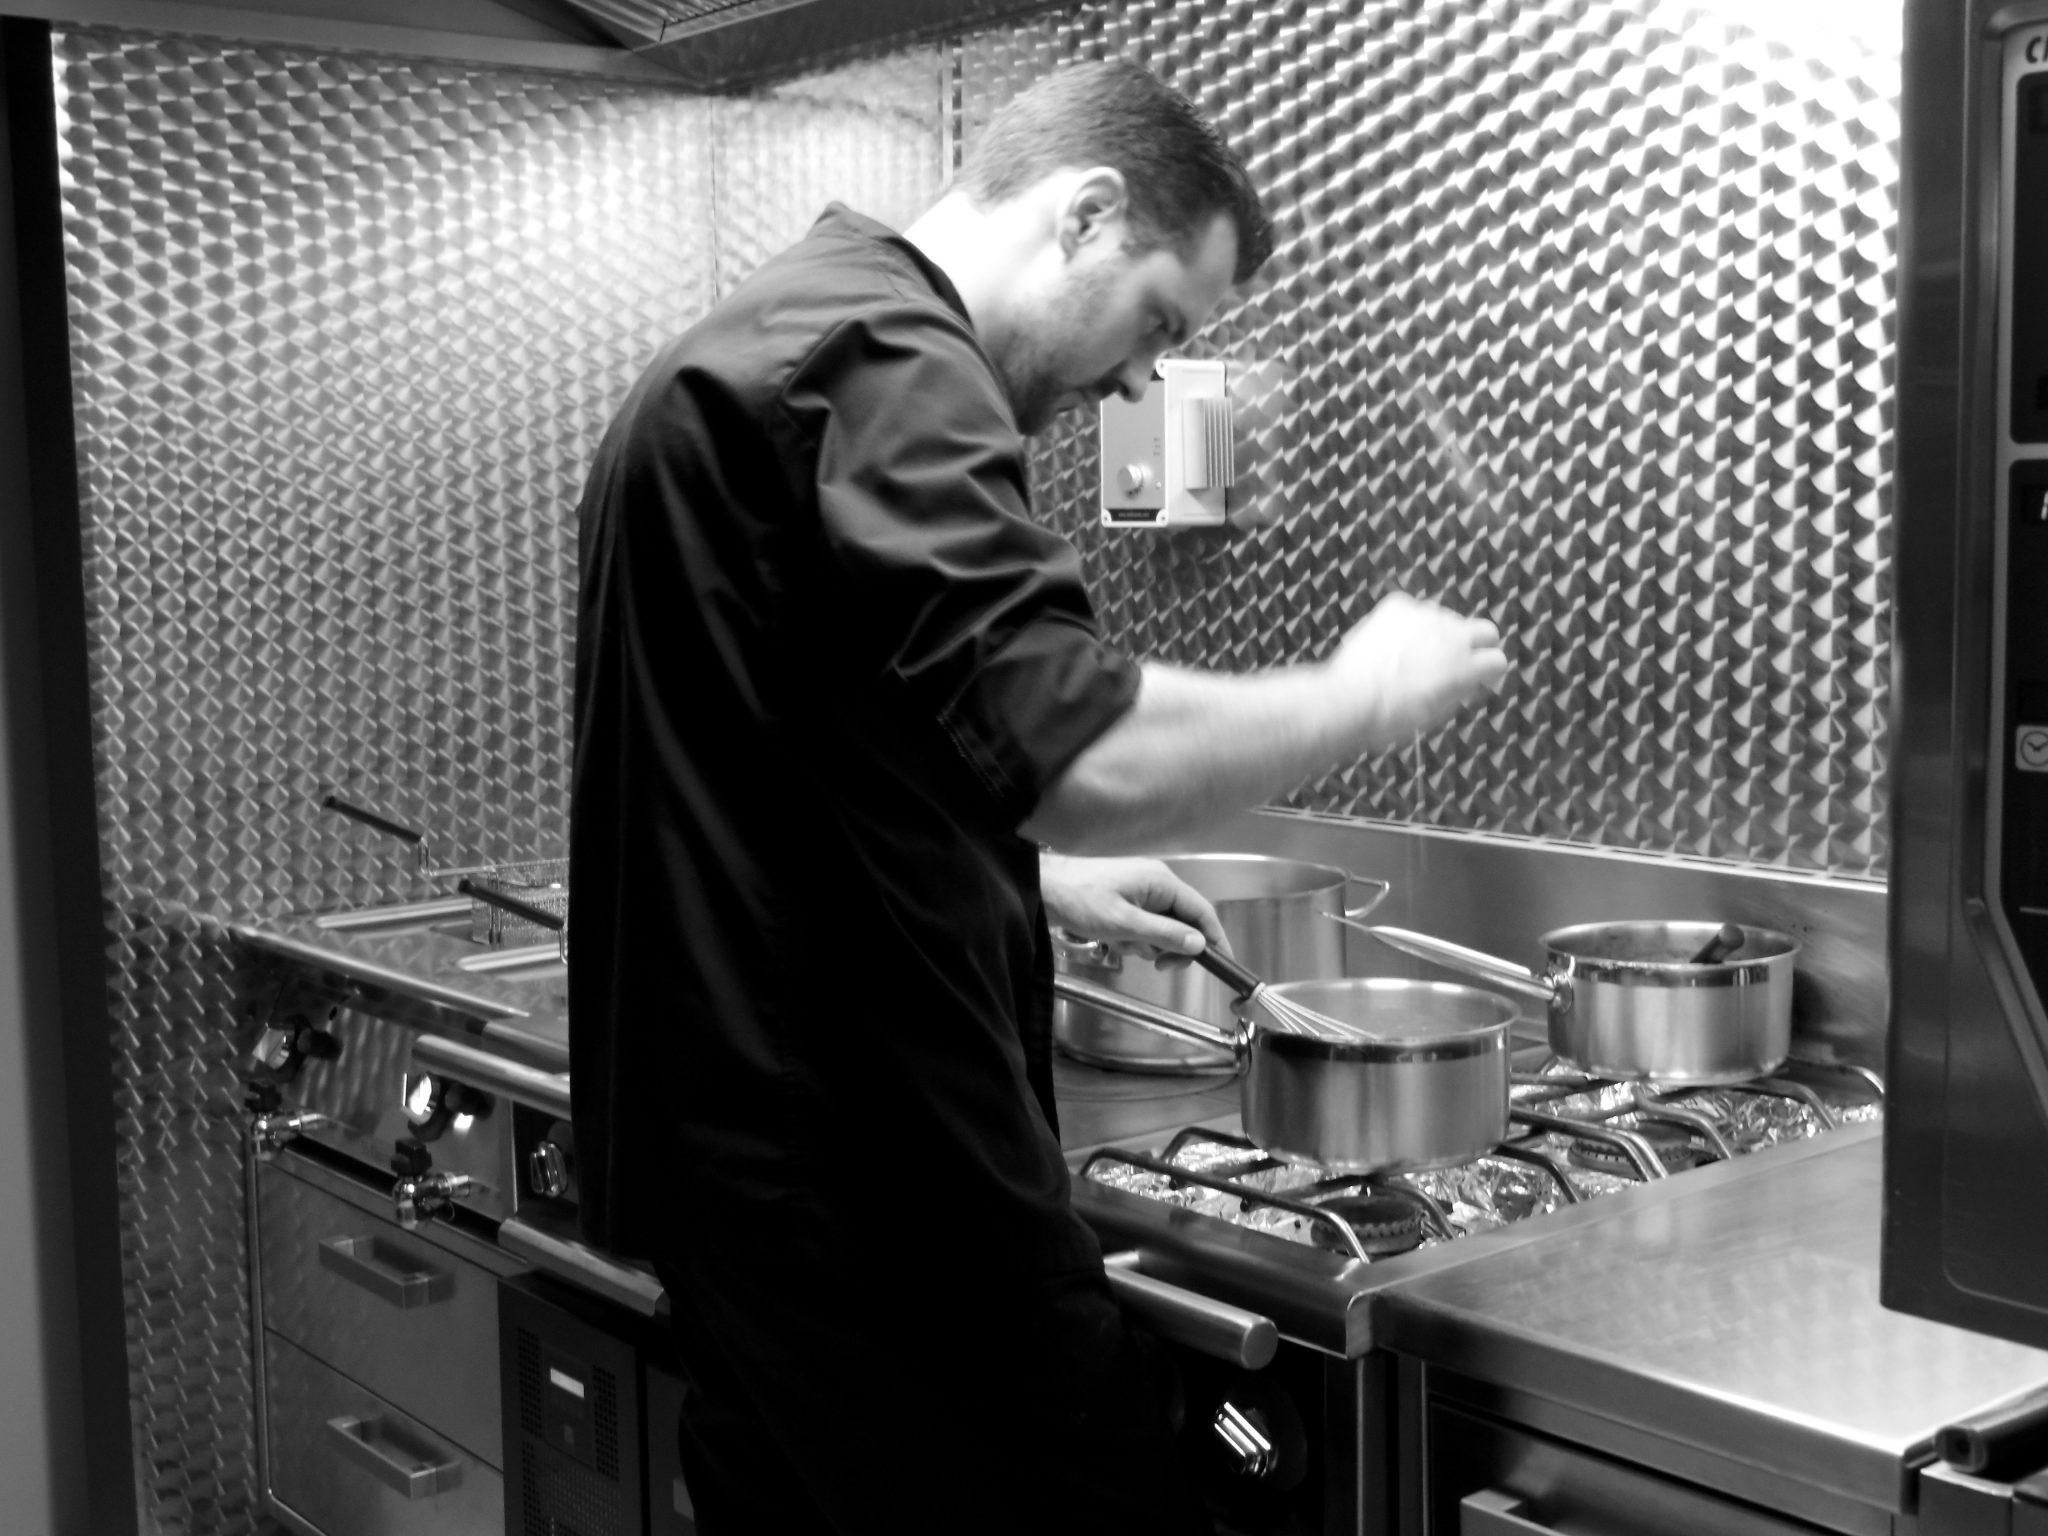 Passie voor koken